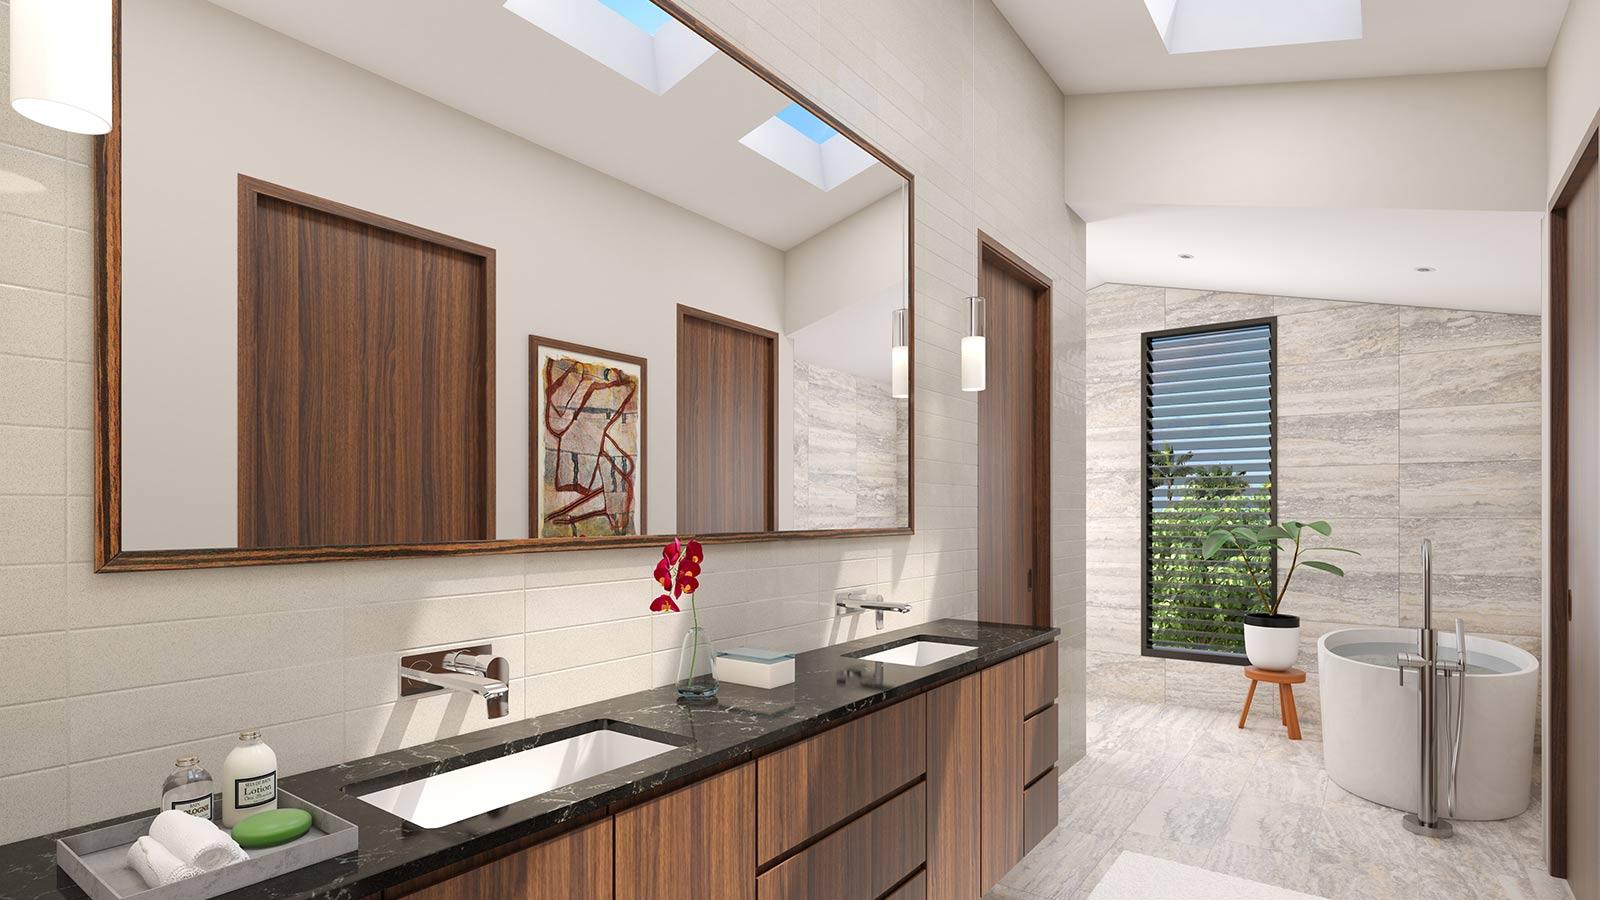 Kukuiula-Kauai-Hawaii-3D-illustration-bathroom